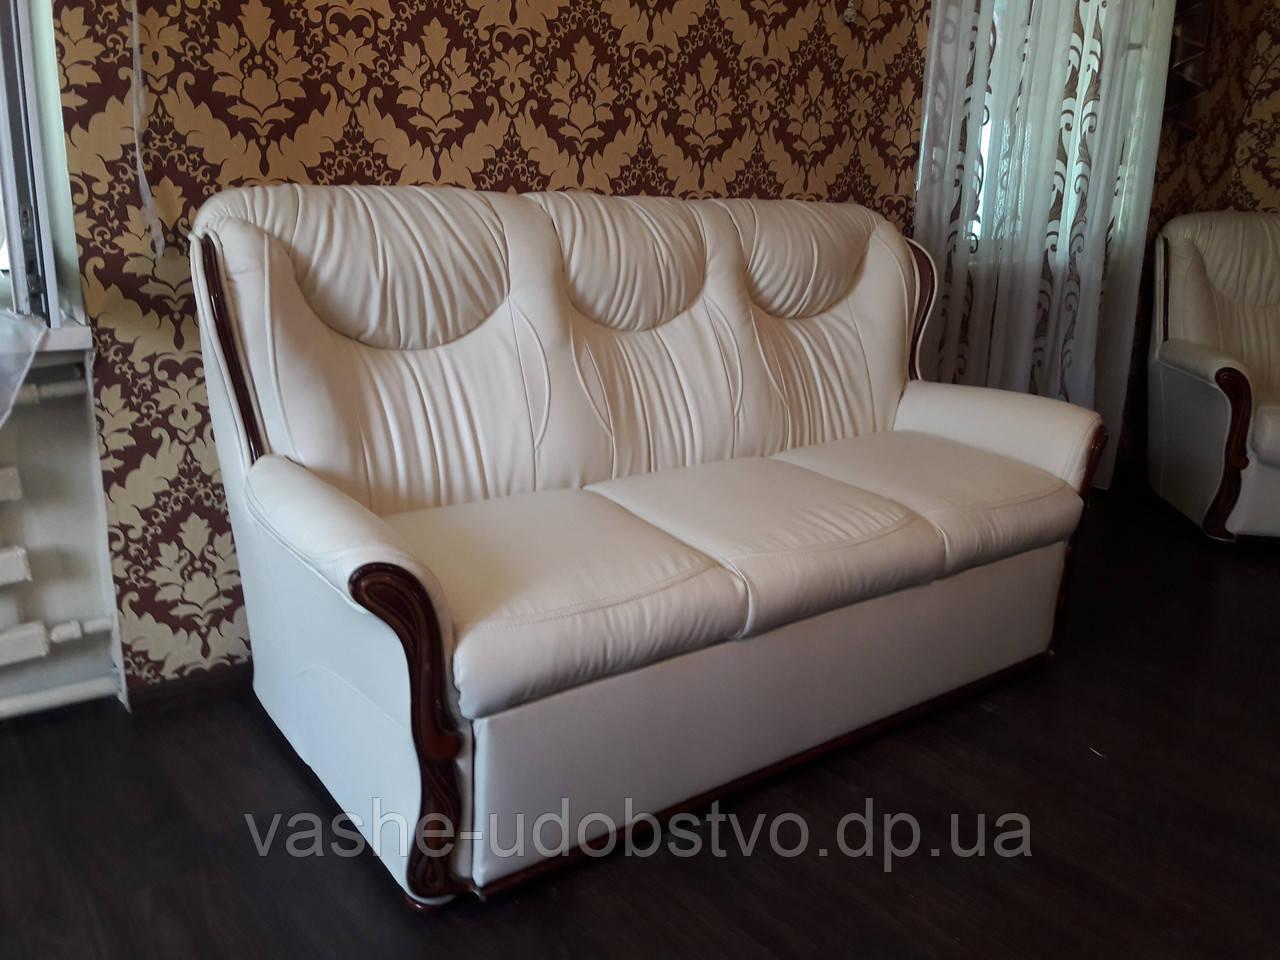 Ремонт диванов Днепр.